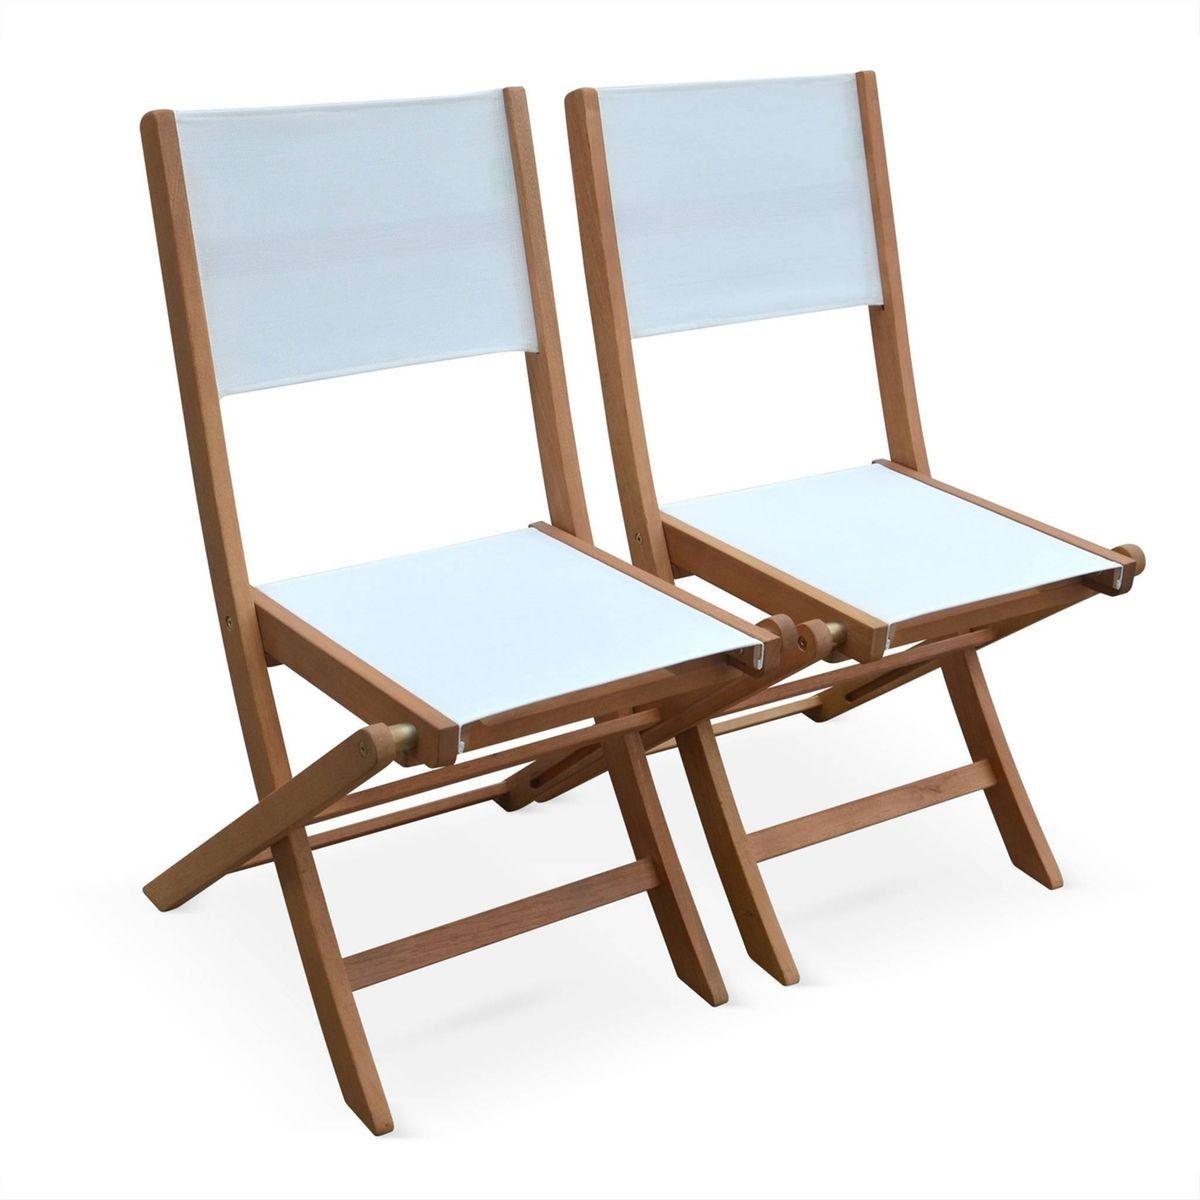 Lot De 2 Chaises De Jardin En Bois Almeria 2 Chaises Pliantes Eucalyptus Fsc Huile Et Textilene Blanc Products Outdoor Chairs Folding Chair Et Outdoor De